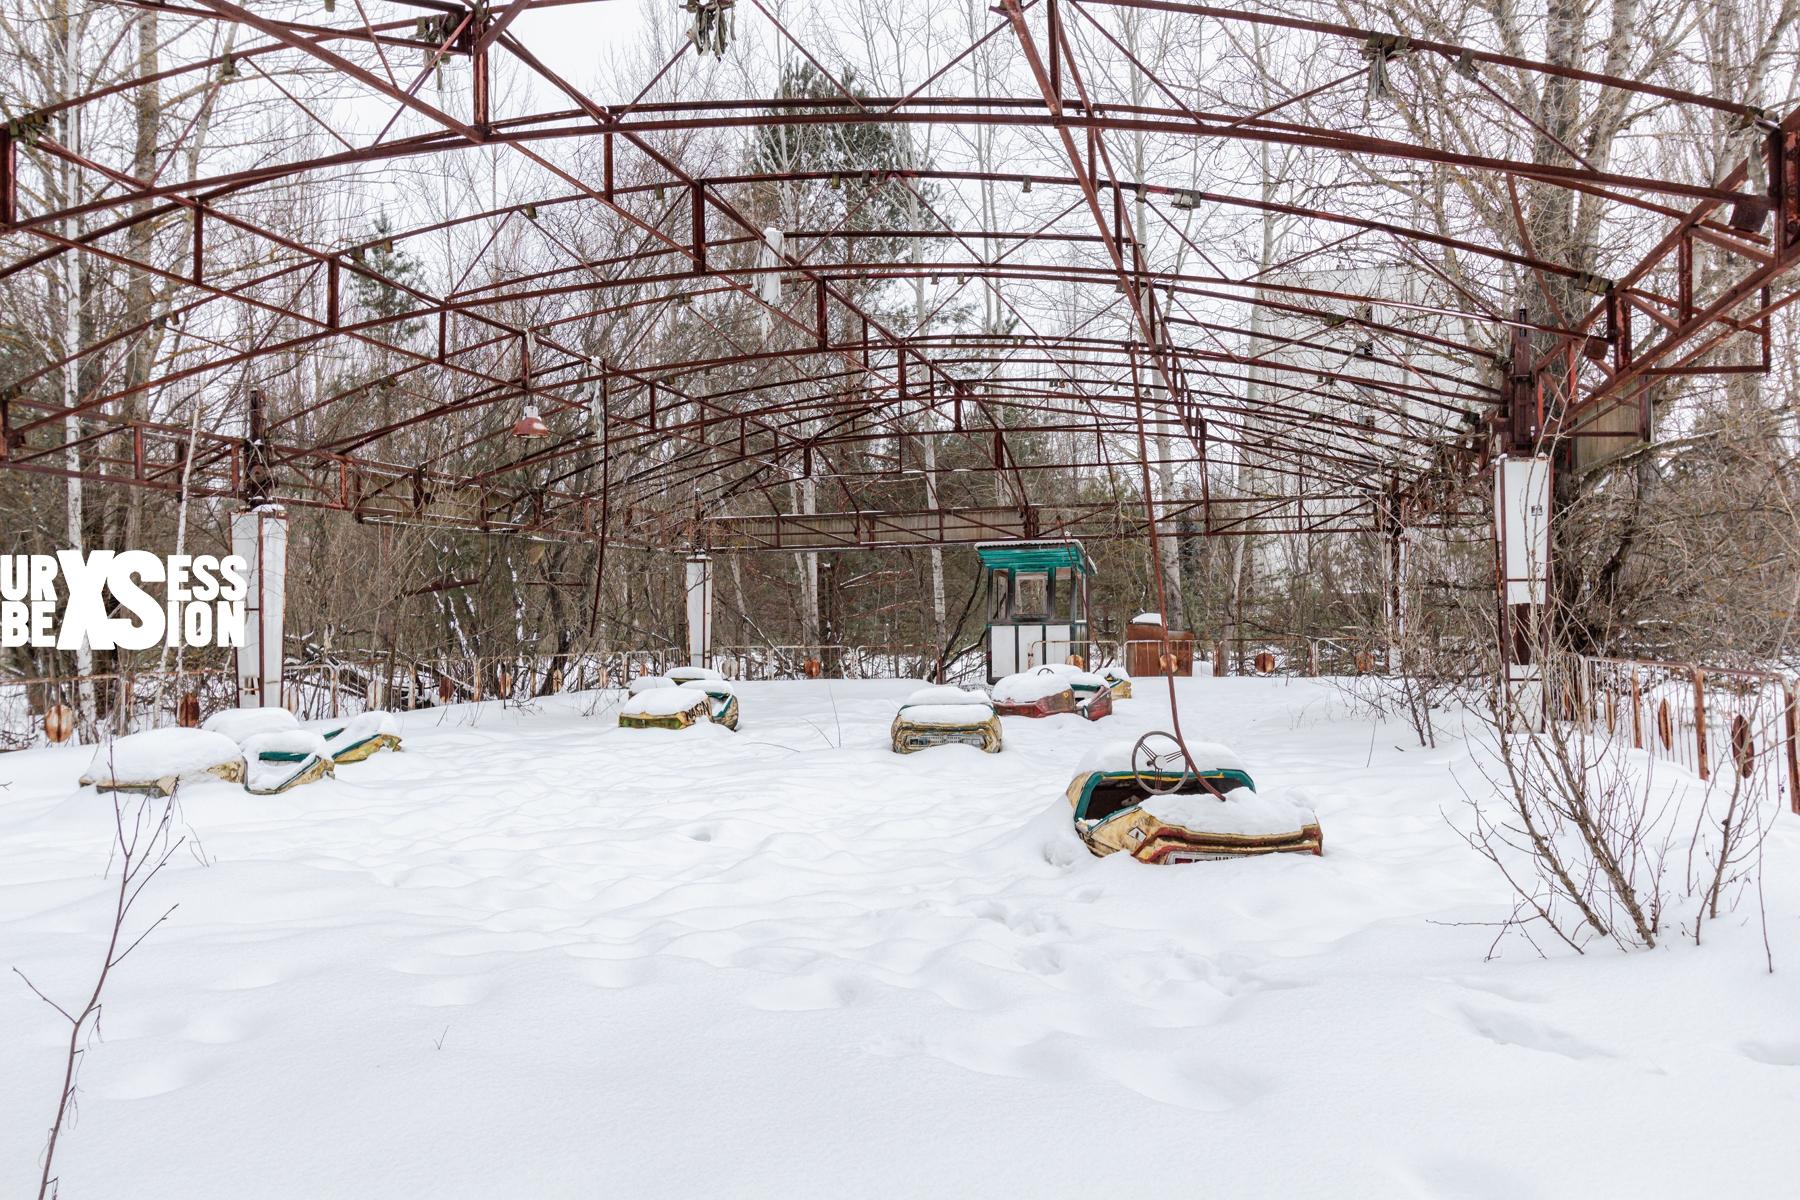 tchernobyl-prypiat-13